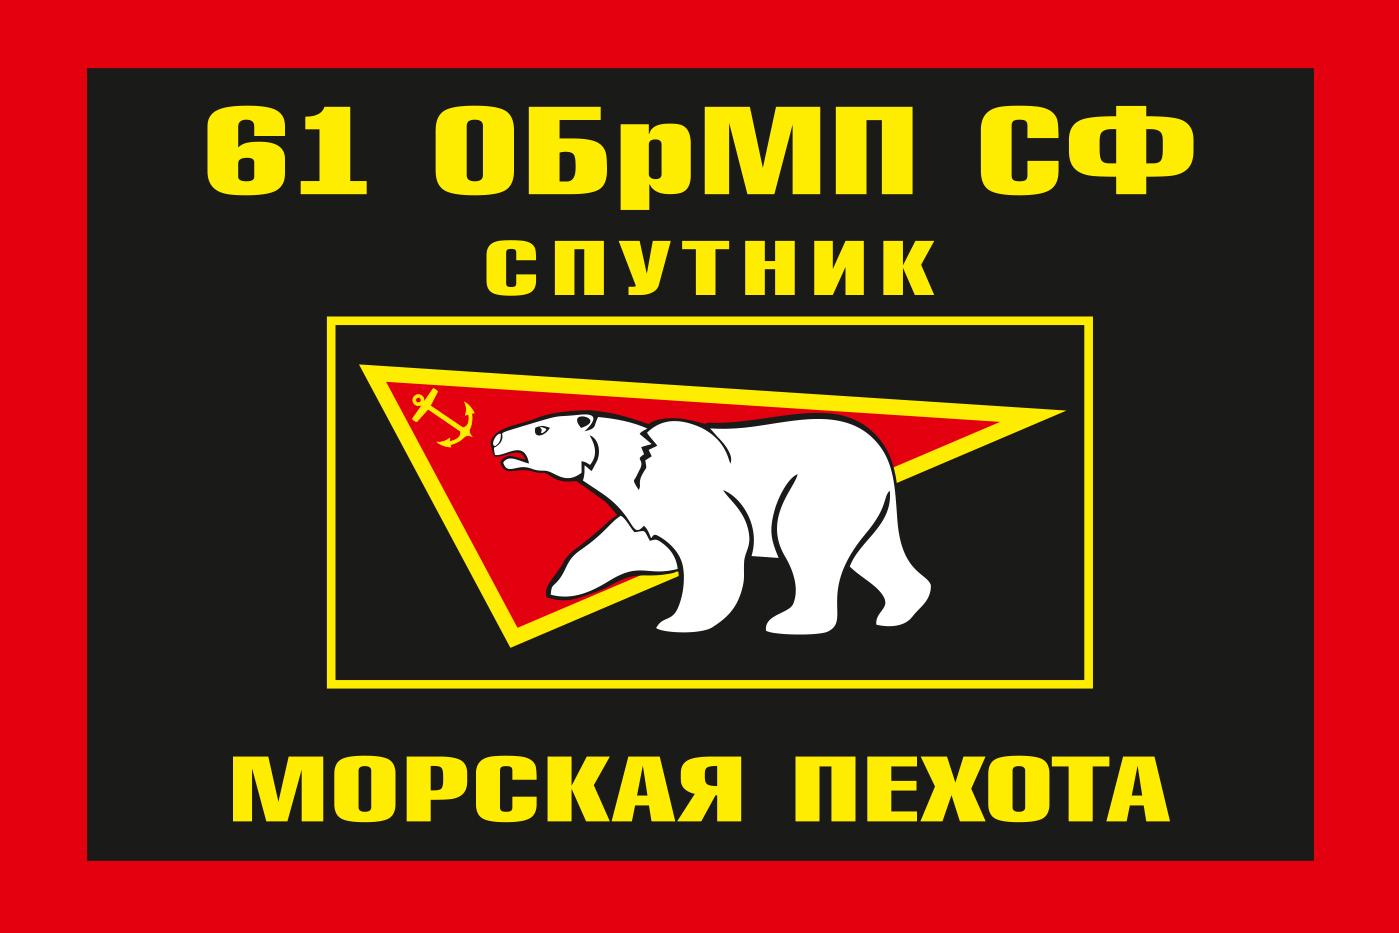 """Флаг """"Морская пехота Спутник"""""""